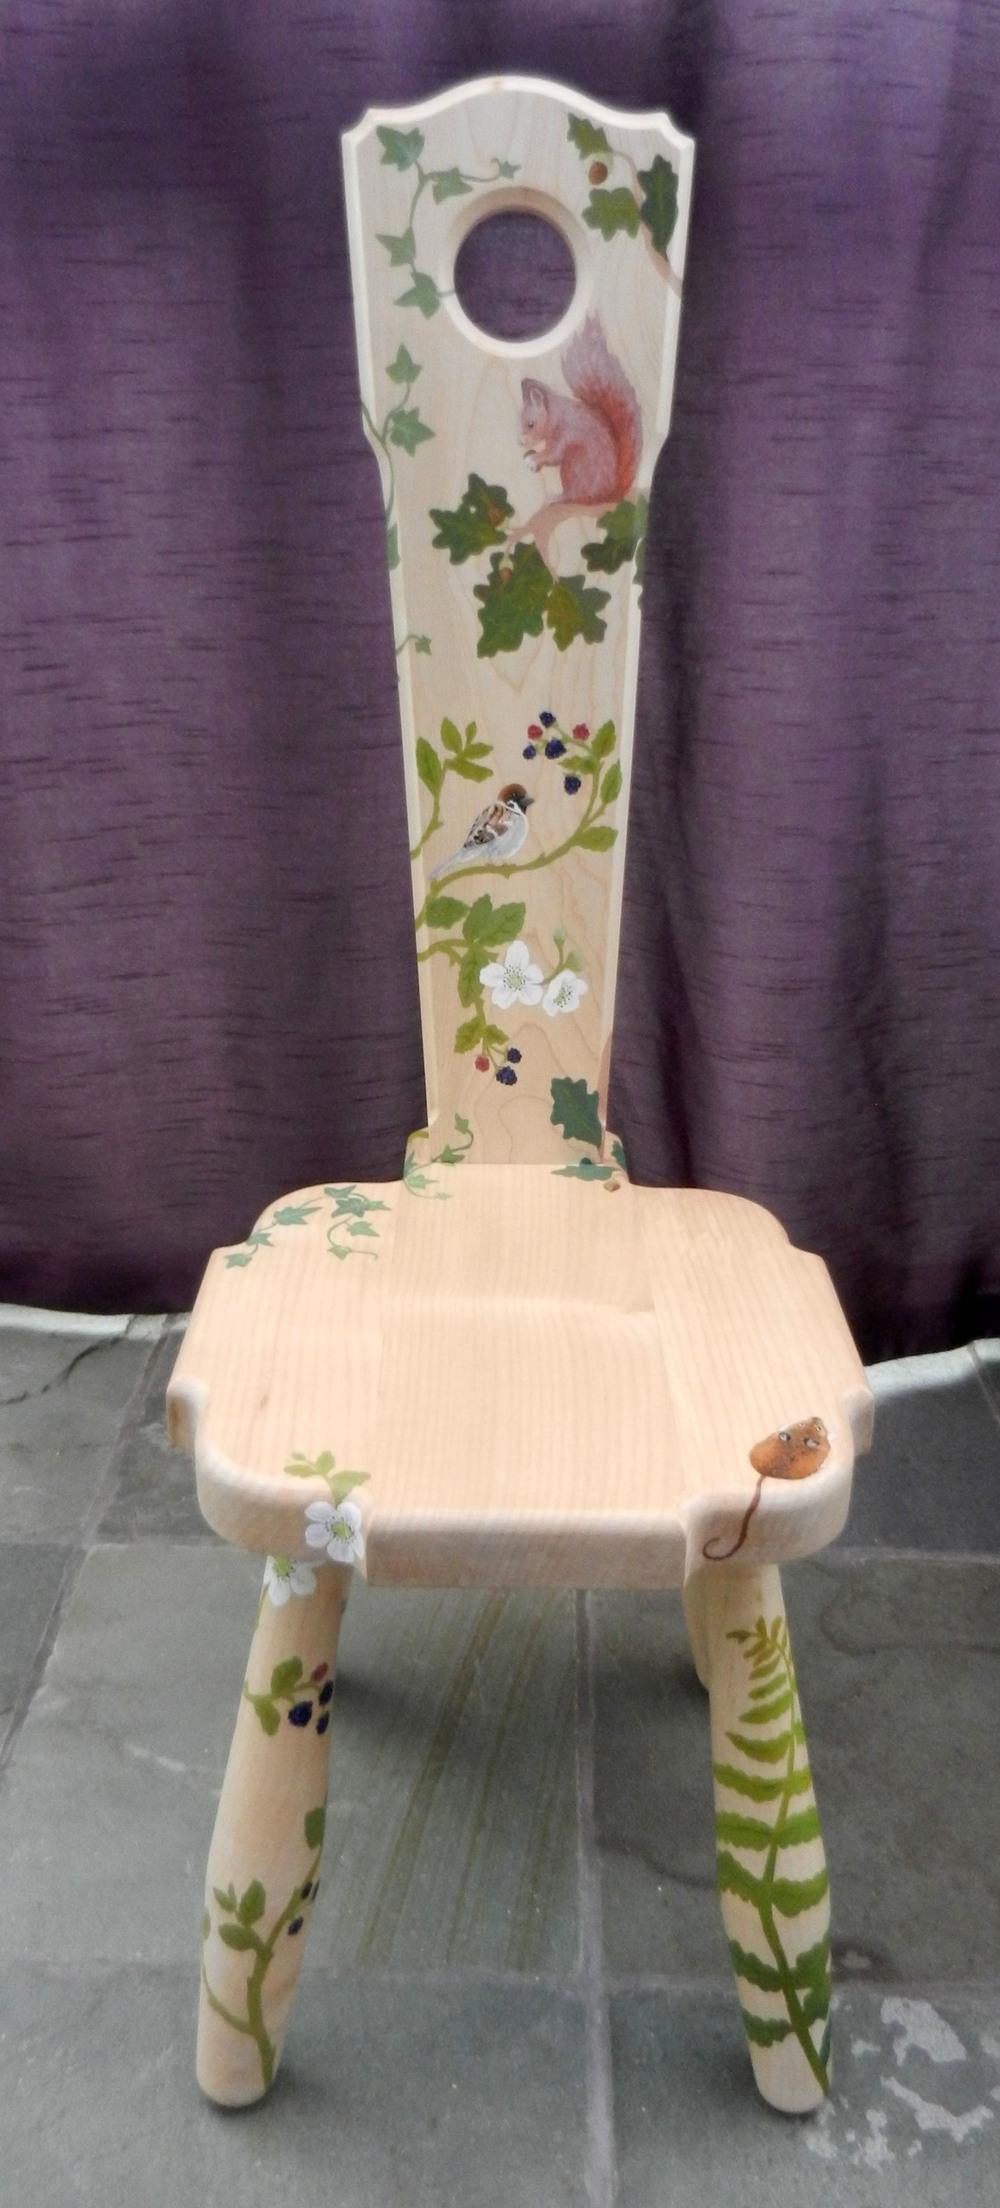 spinning stool 001.JPG